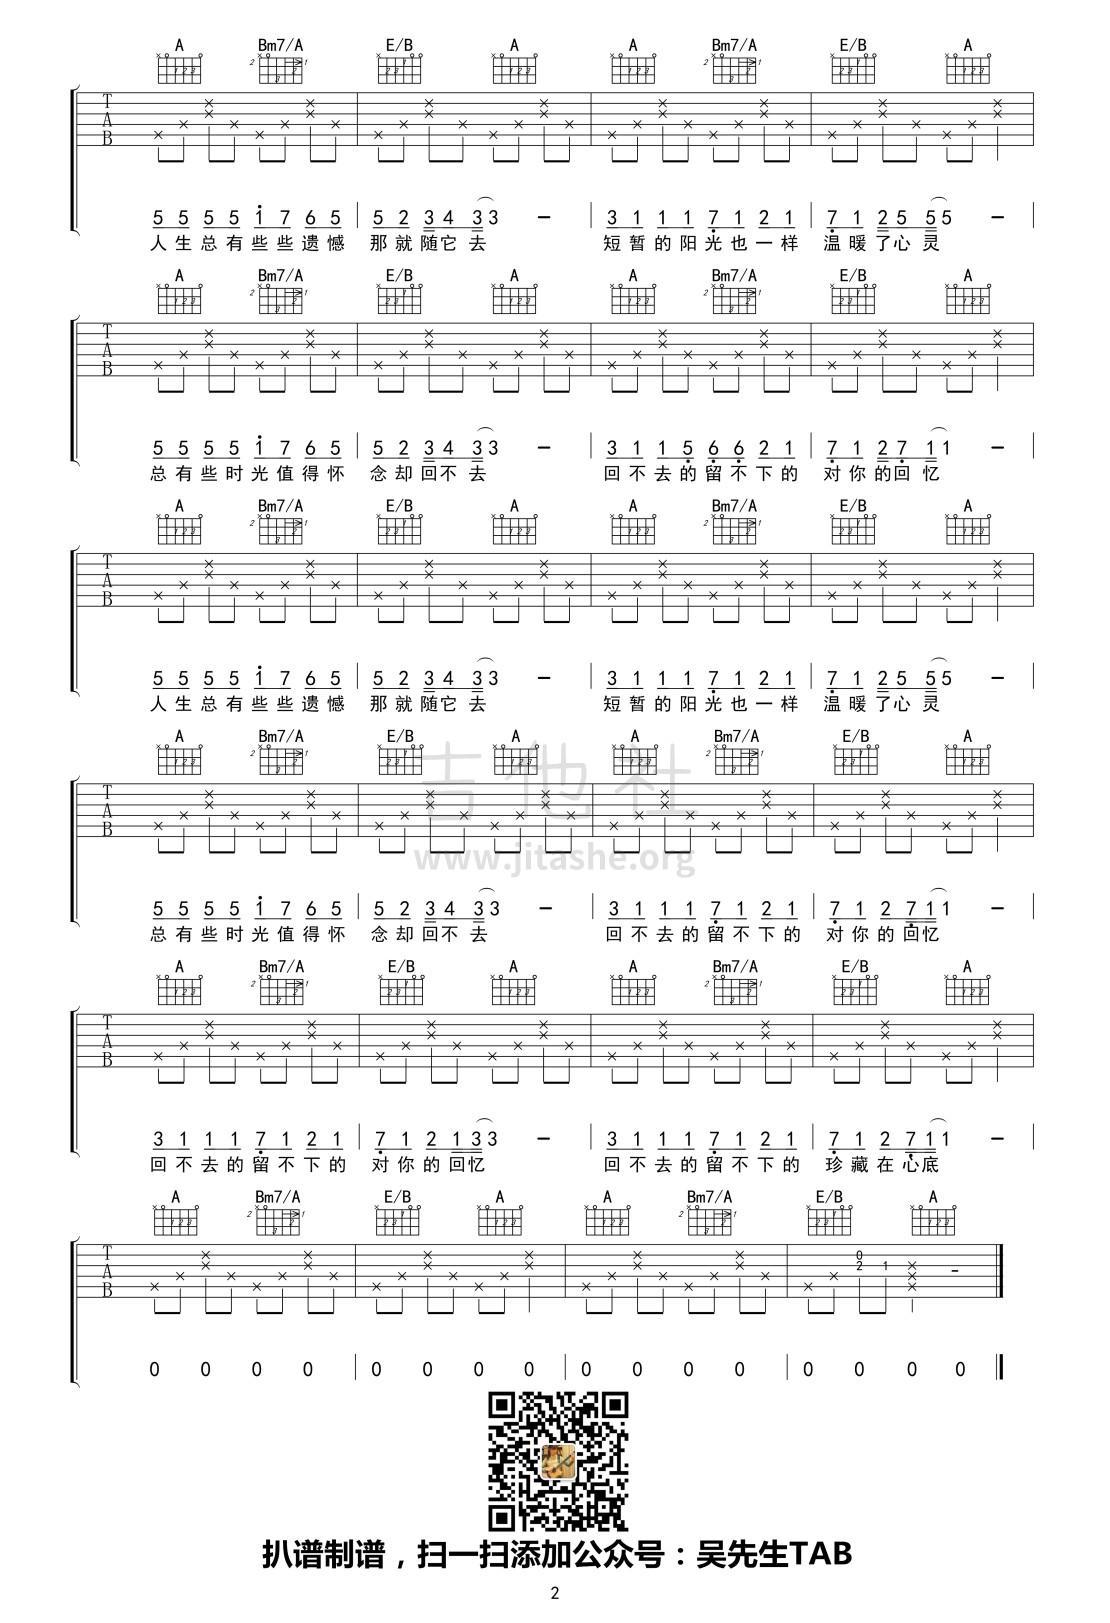 遥远的歌(连续剧《你好,旧时光》片尾曲)吉他谱(图片谱,弹唱)_刘惜君_遥远的歌02.jpg